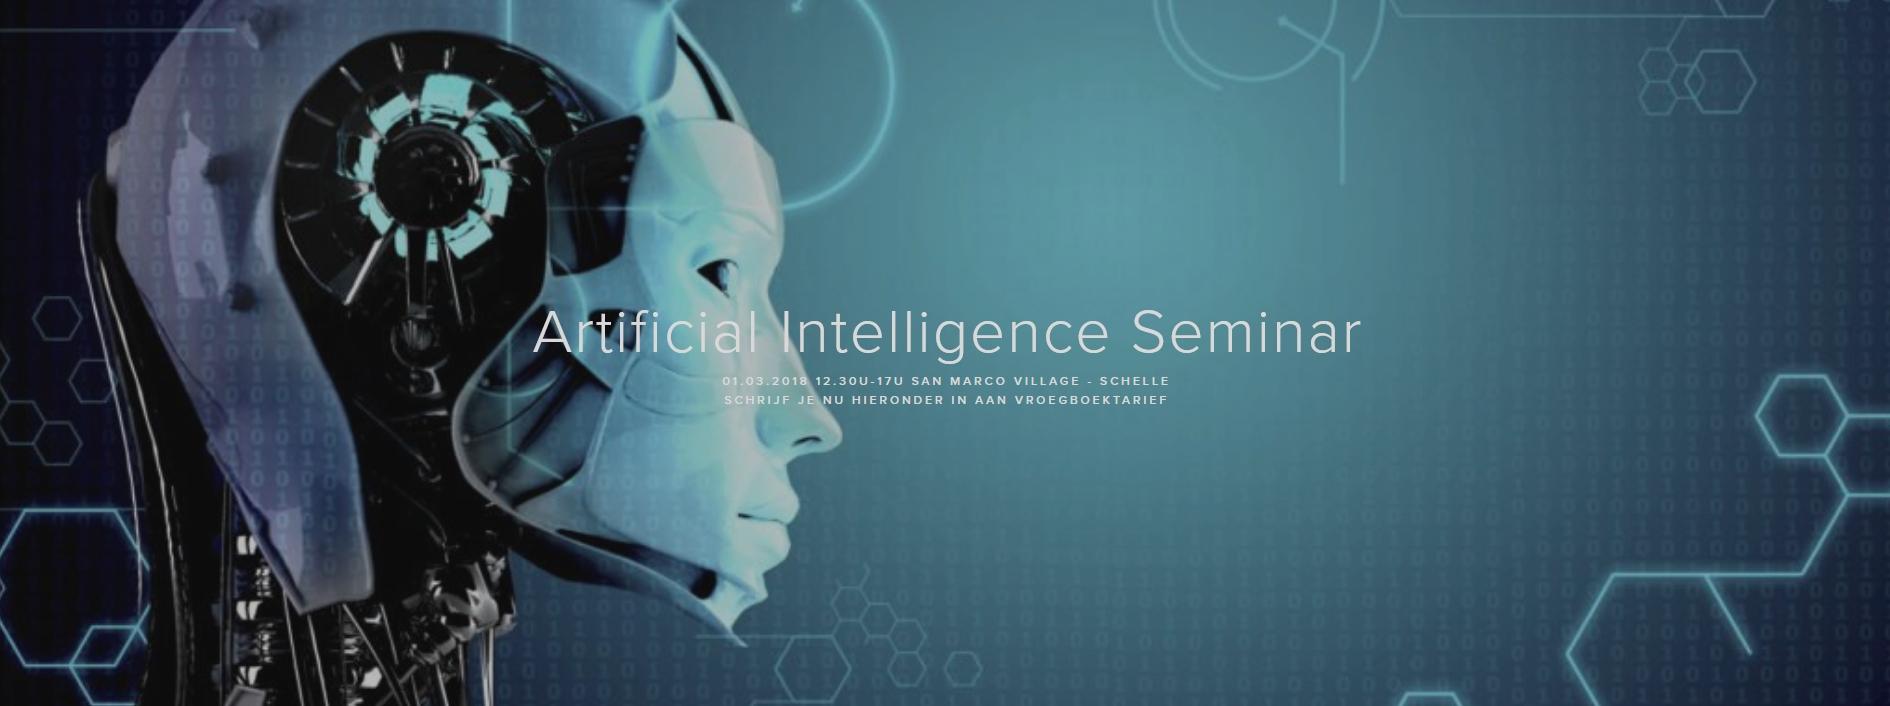 Video Marketing Seminar